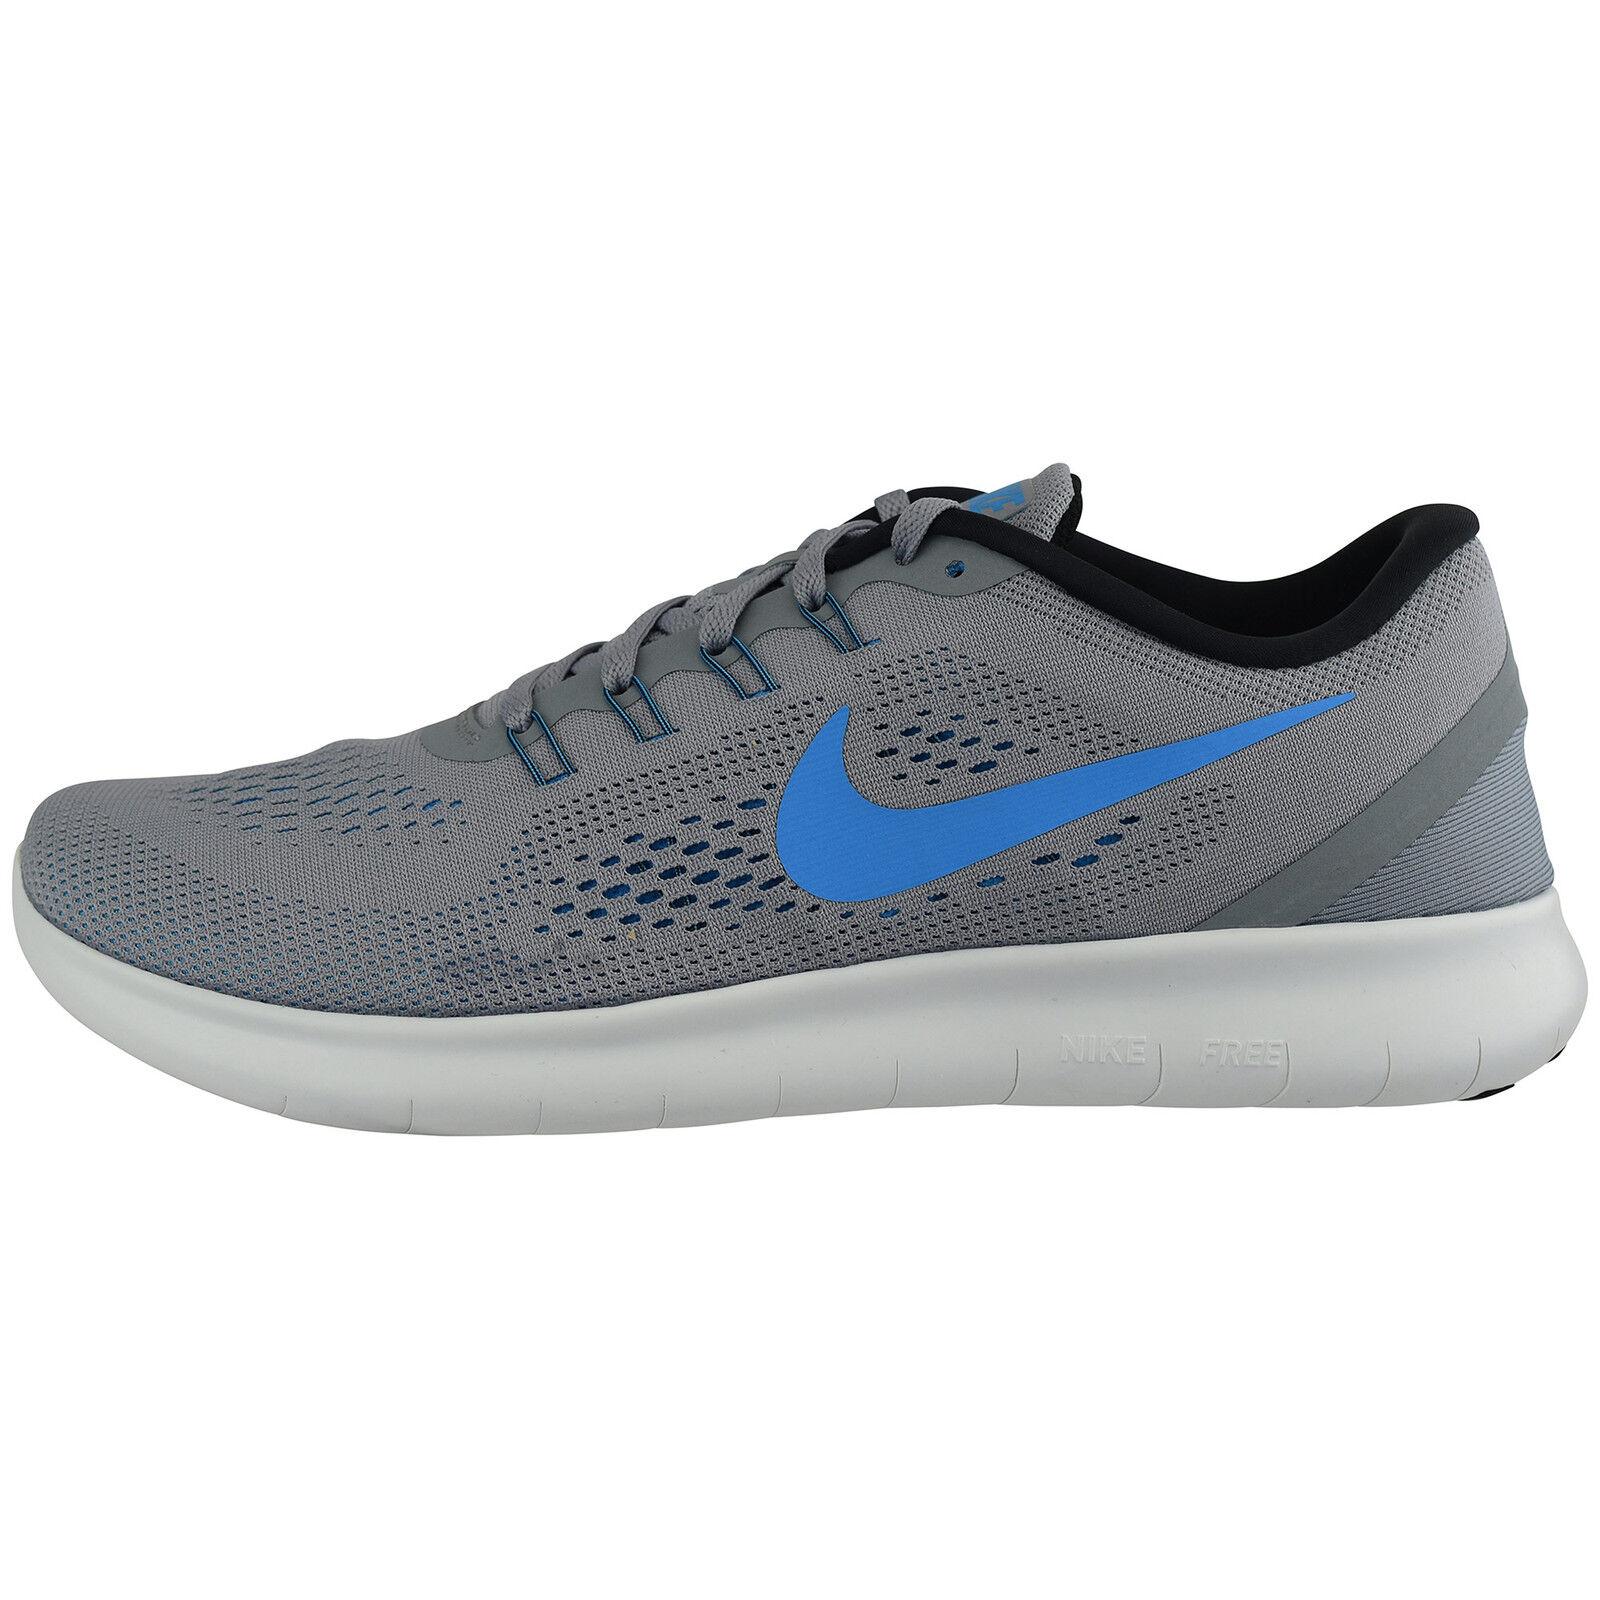 Nike Free RN 831508-004 Lifestyle Laufschuhe Running Freizeit Sneaker